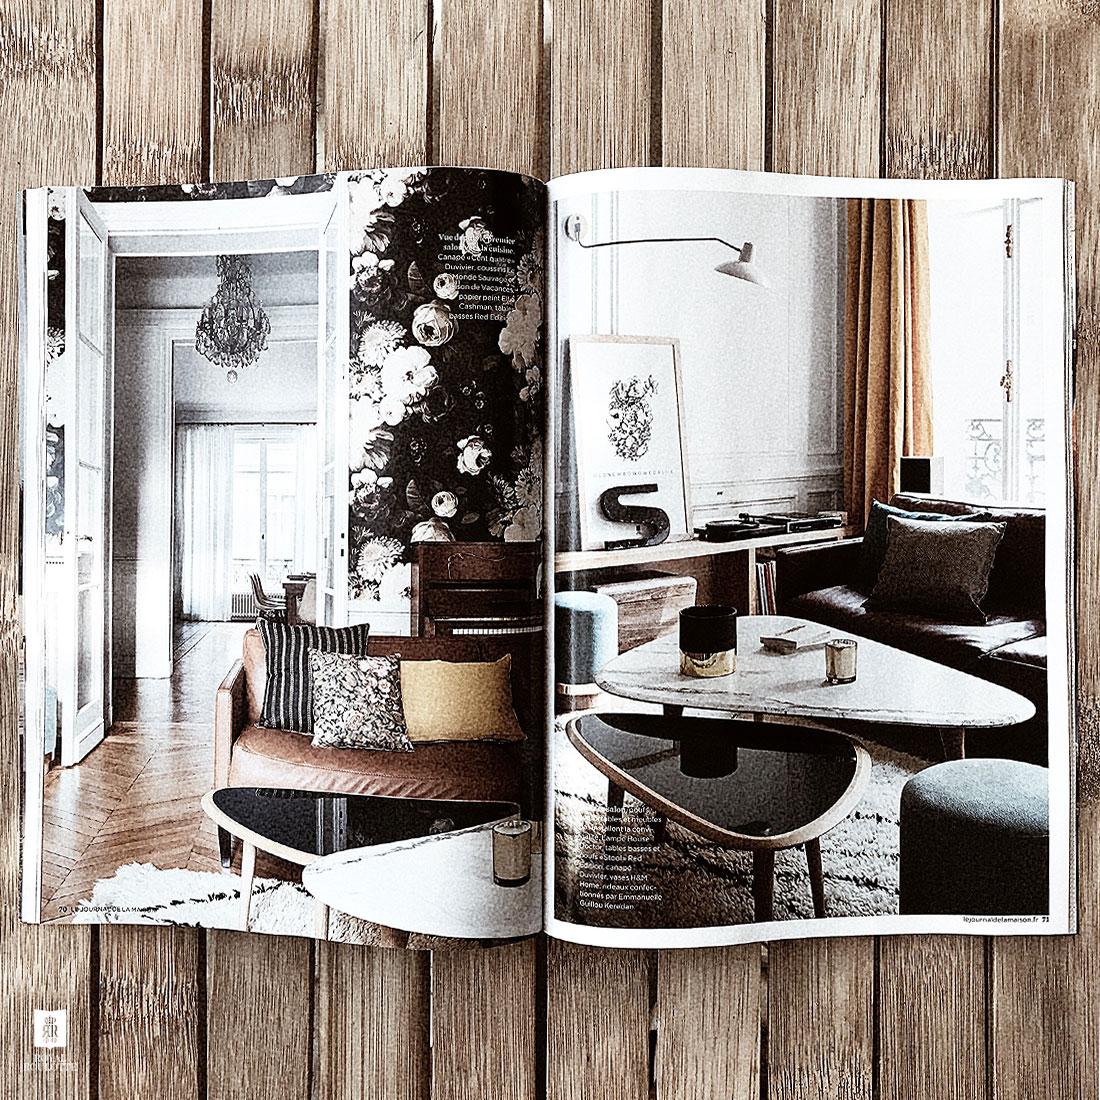 royal_roulotte_journal_de_la_maison_2019_03